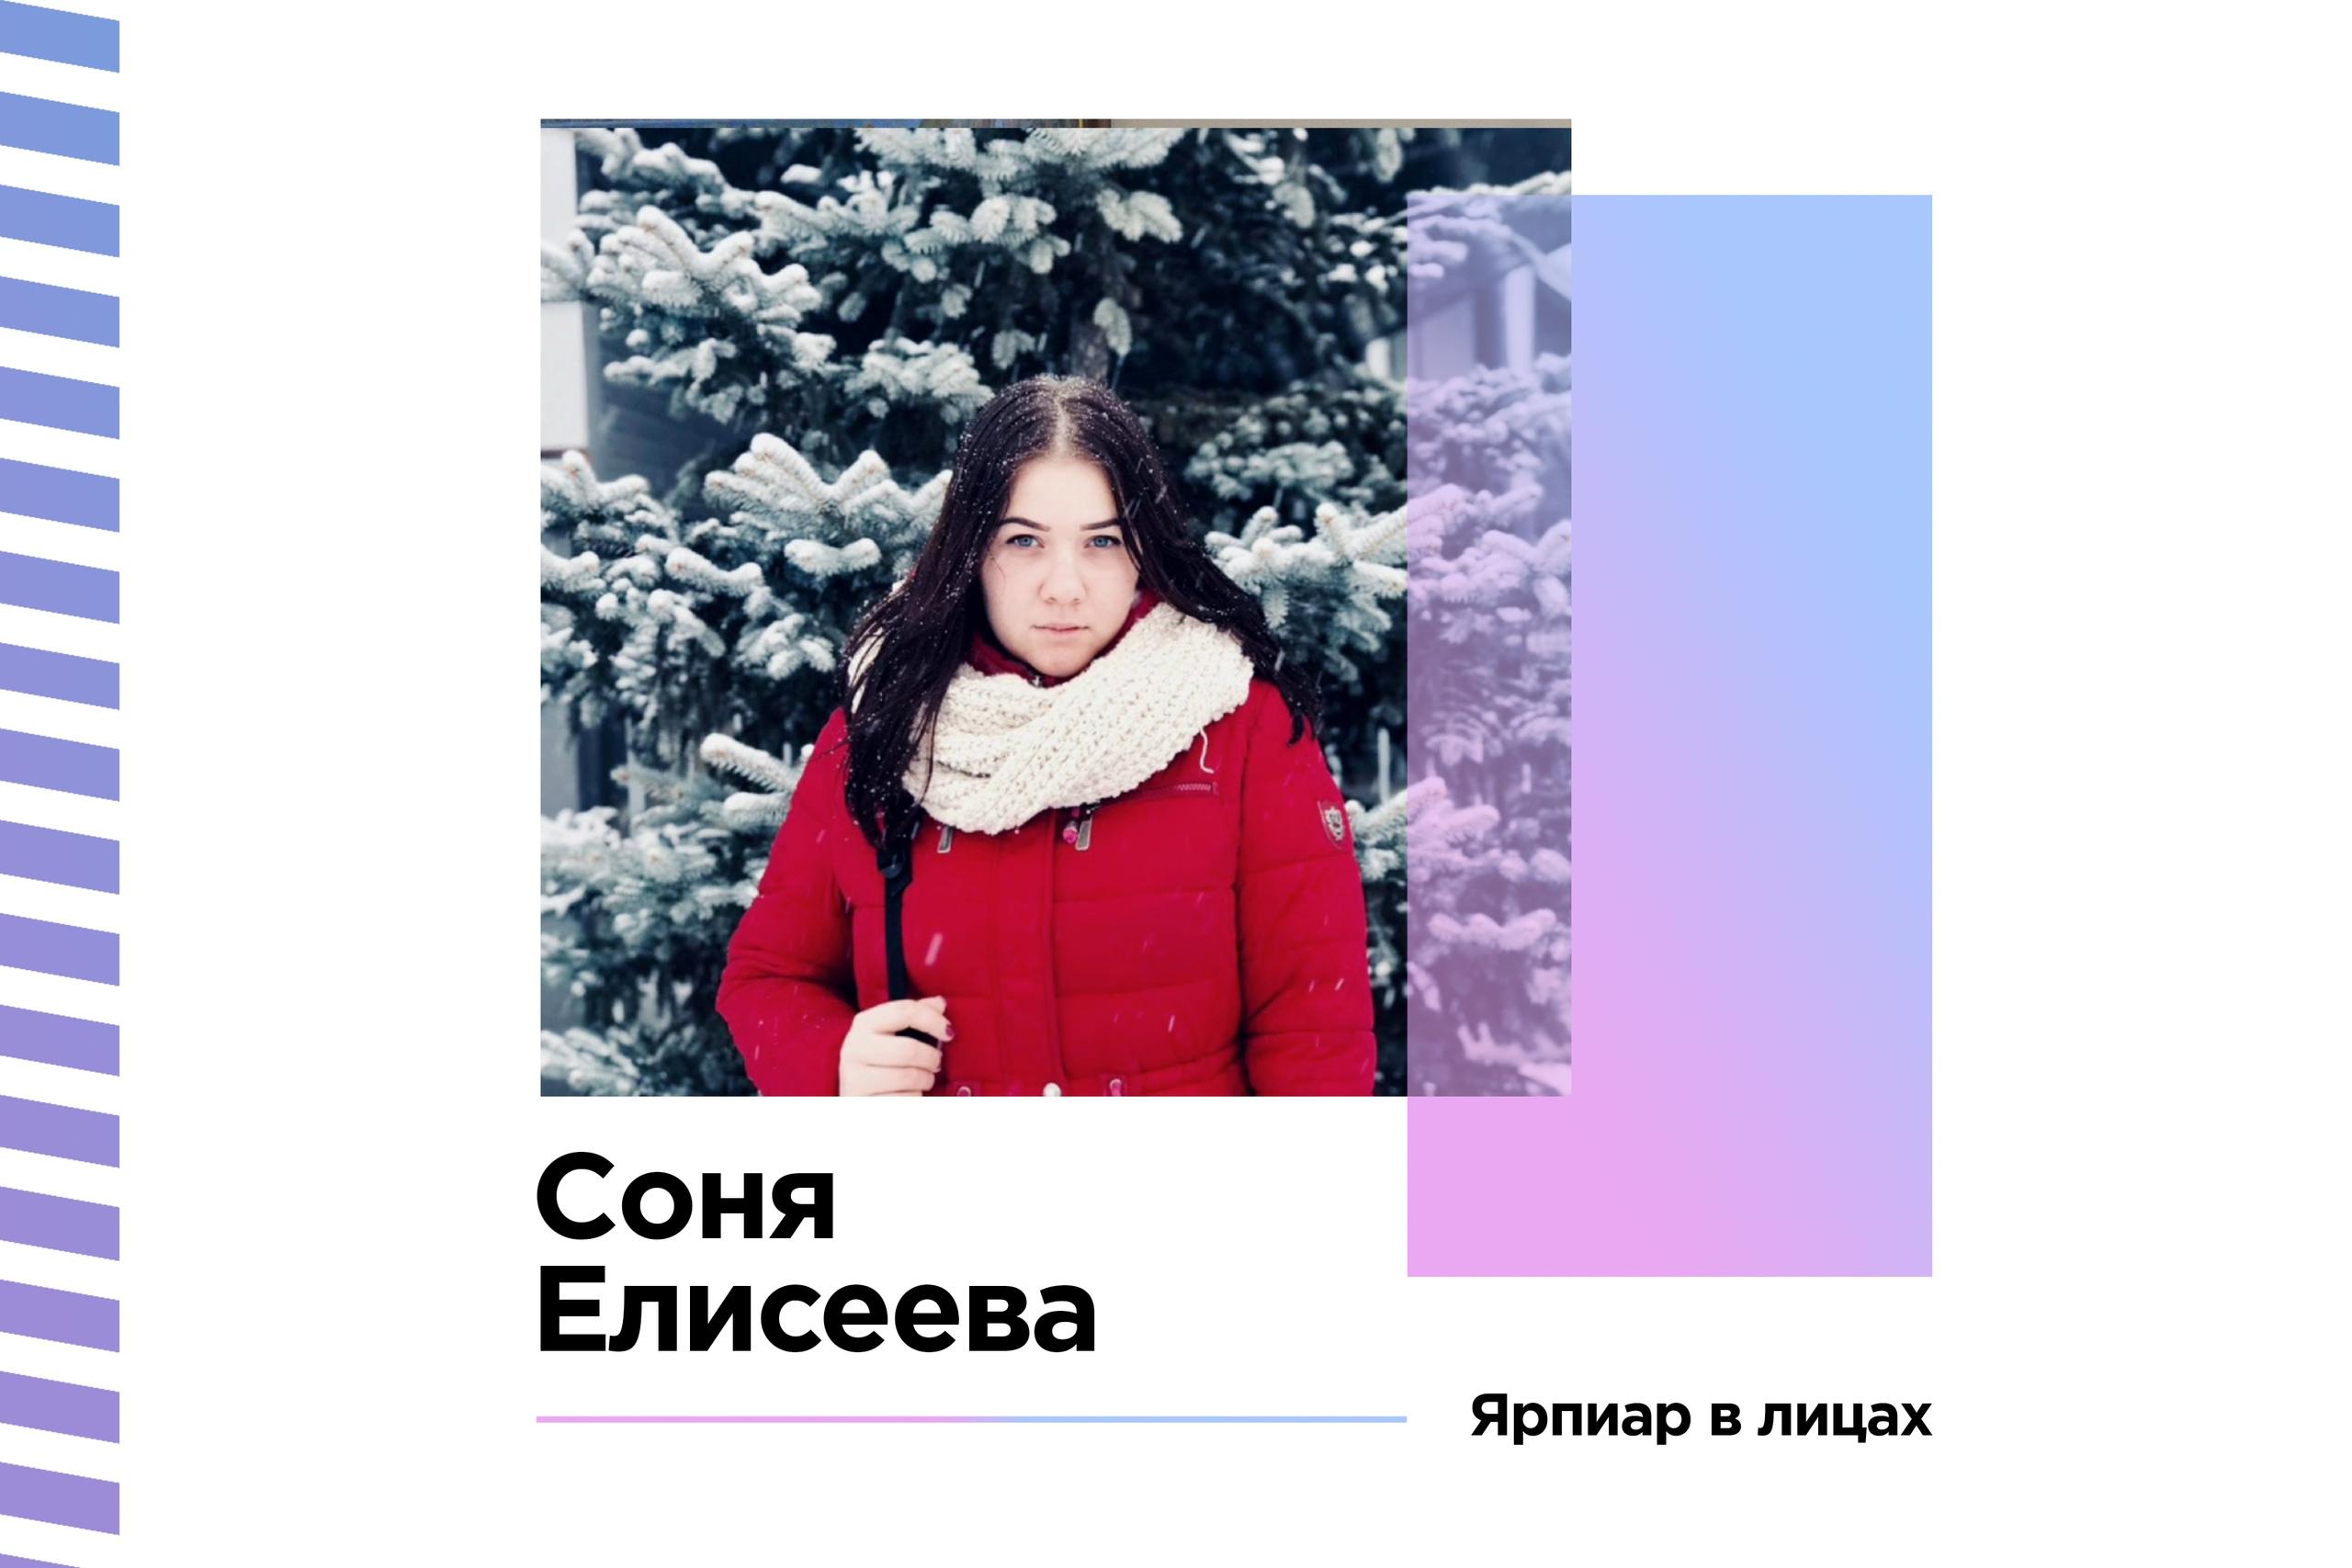 Соня Елисеева